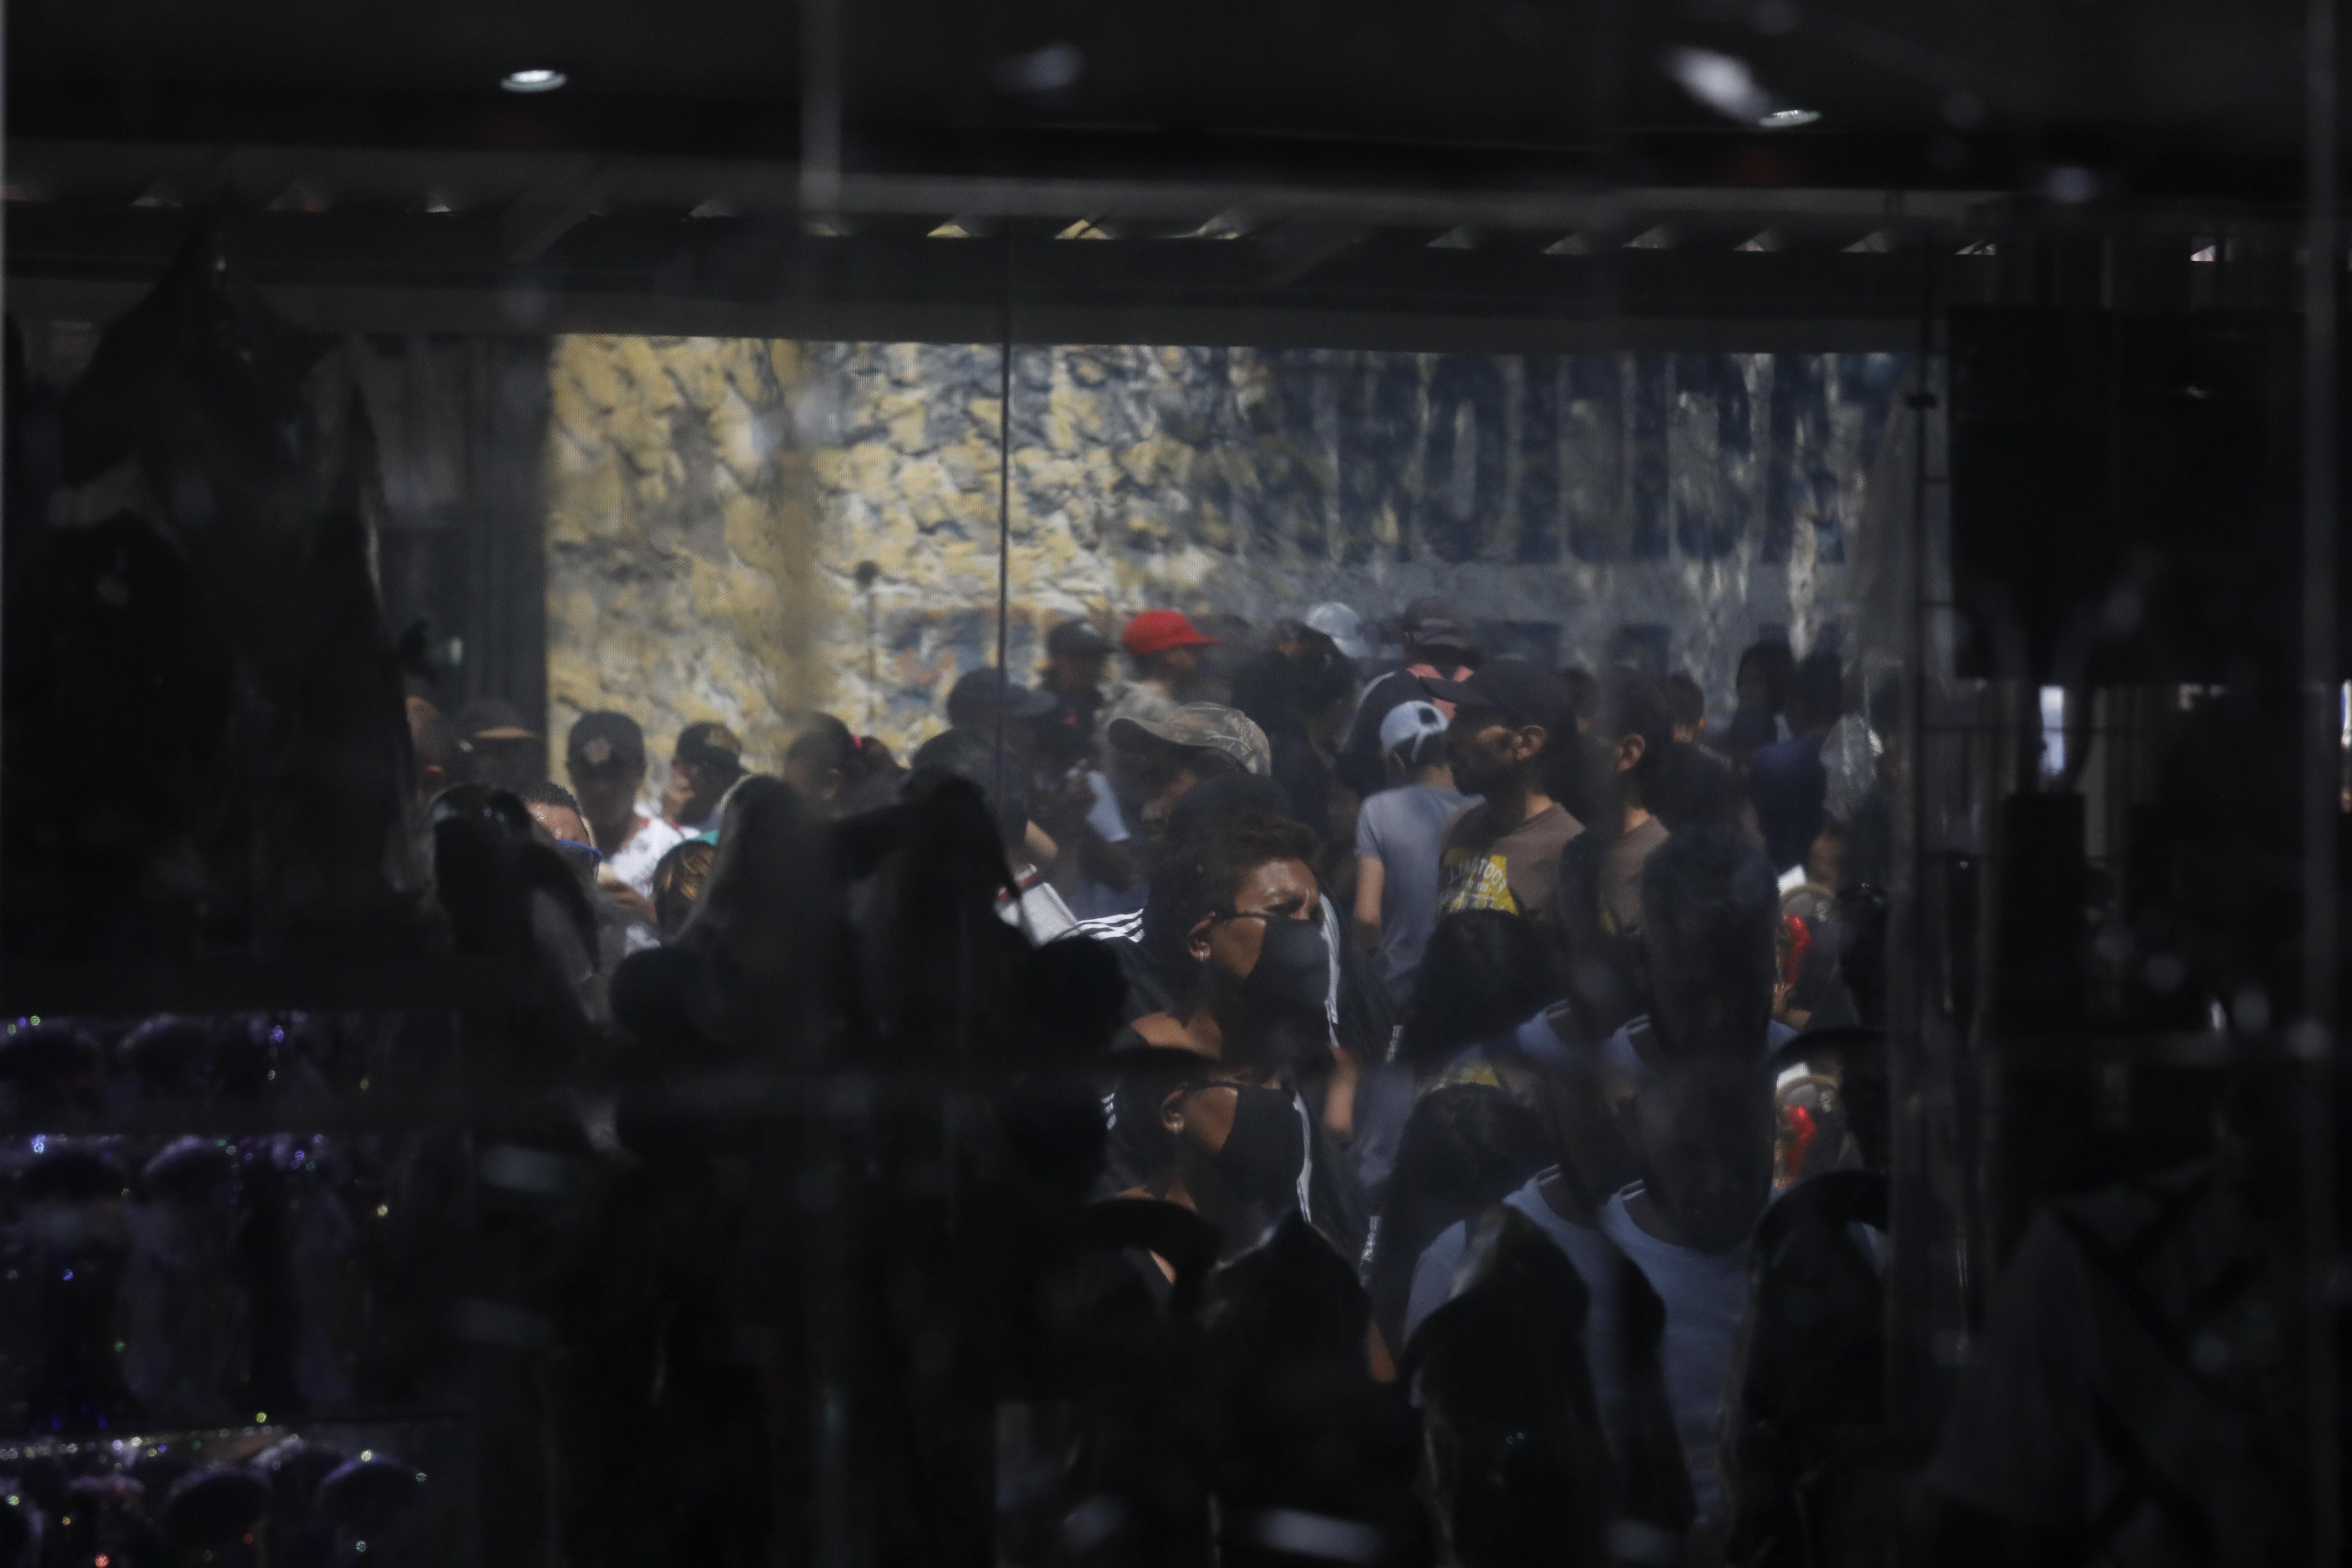 Las personas se reflejan en una pared mientras esperan afuera para visitar un altar a la Santa Muerte. (Foto: AP / Rebecca Blackwell)